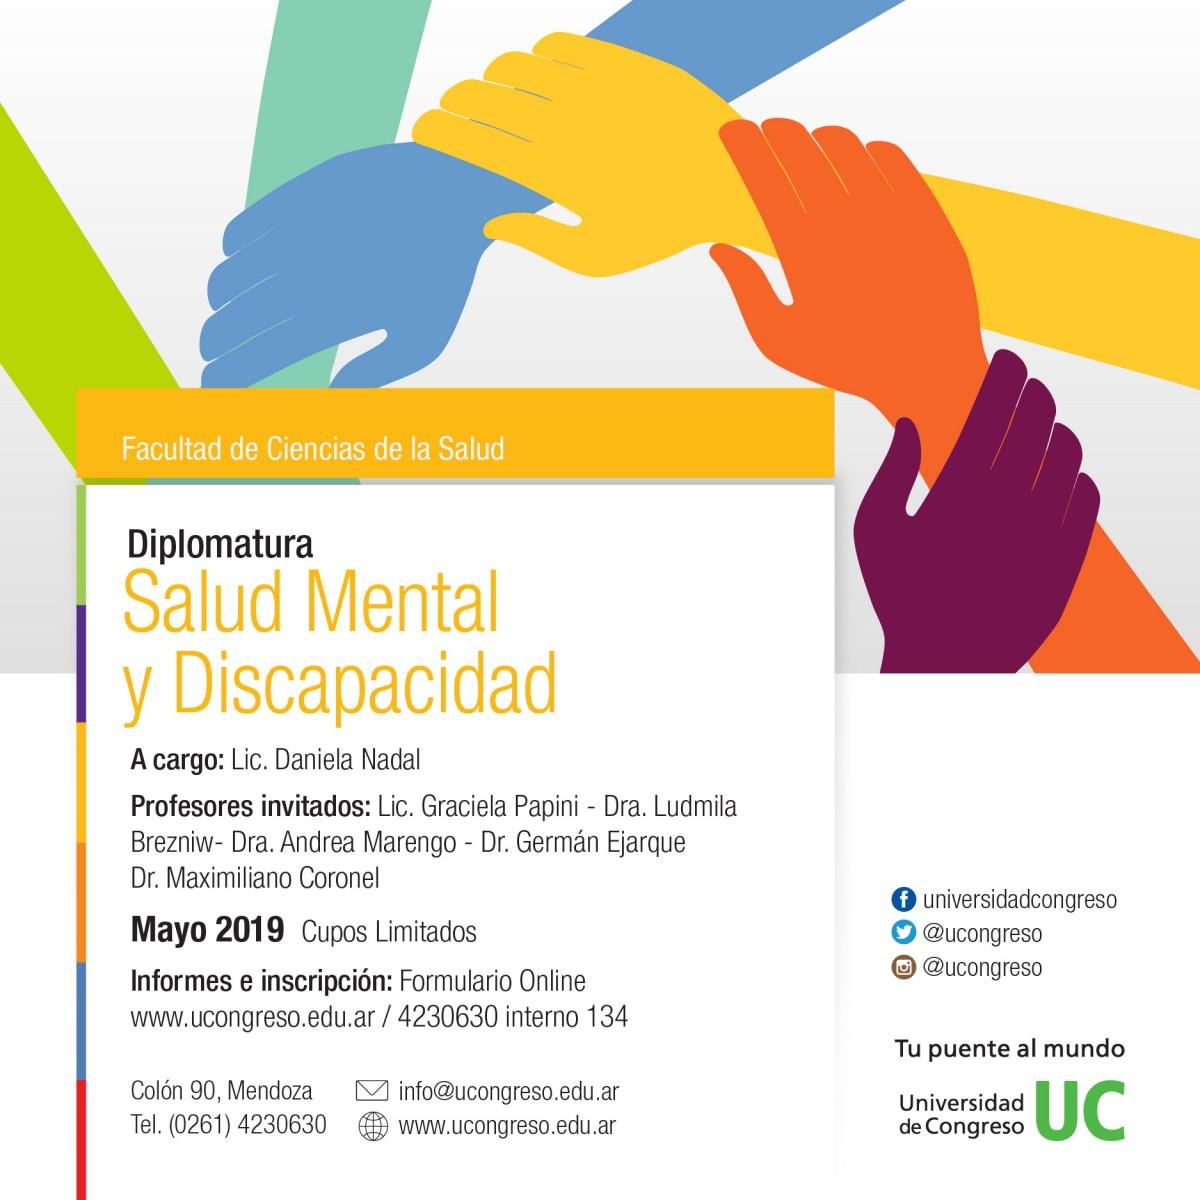 Flyer_Salud_Mental_Discapacidad-01 (1)